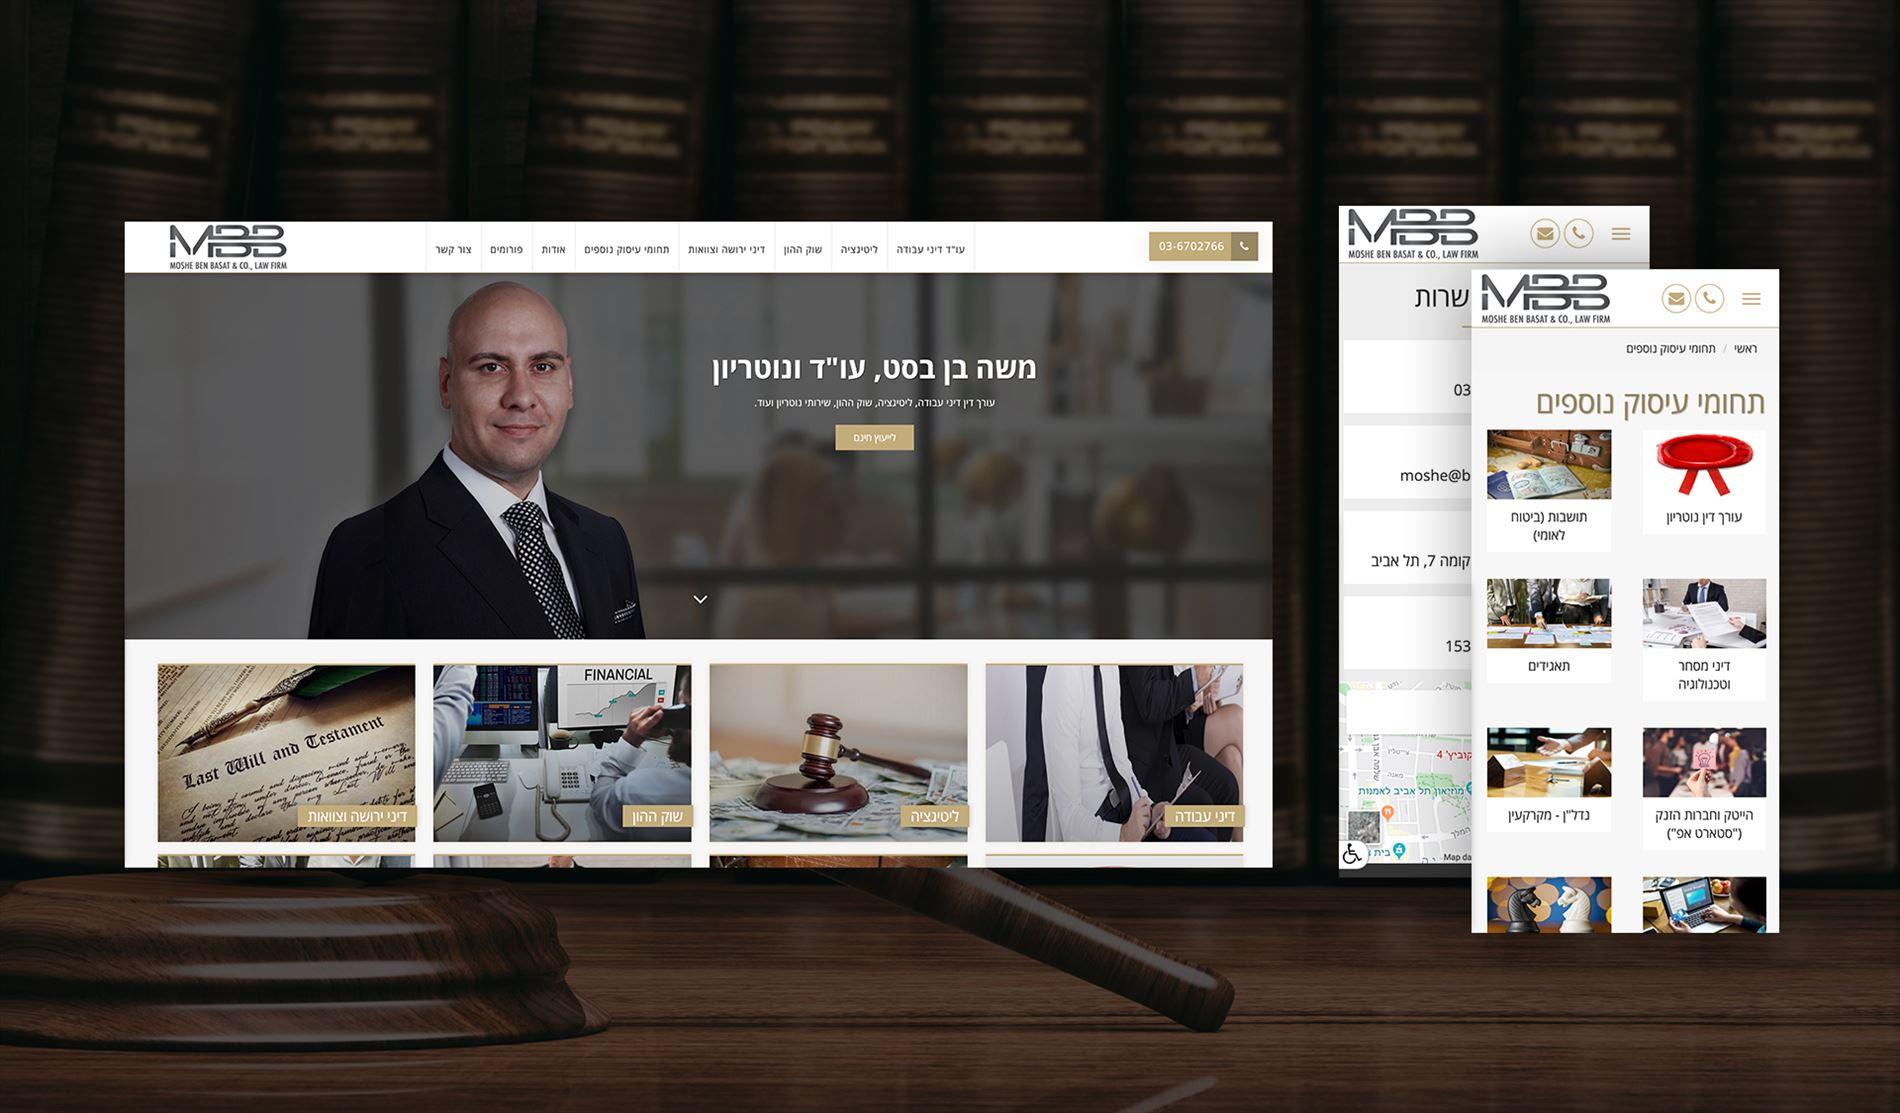 בניית אתרים ושיווק דיגיטלי לעורך הדין משה בן-בסט